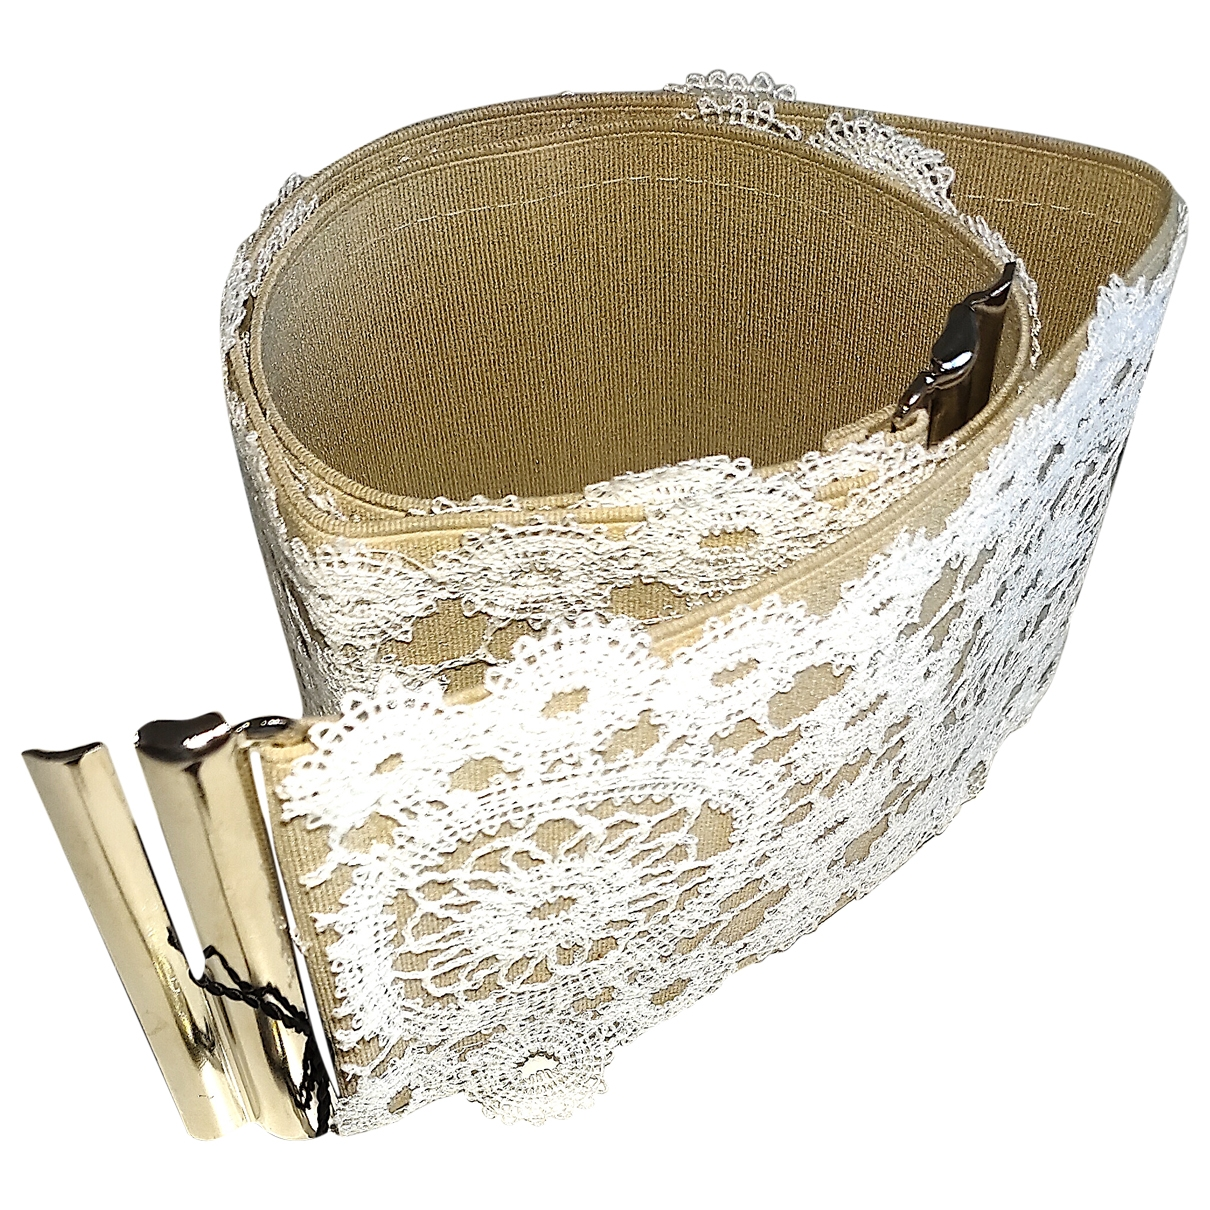 La Perla \N Beige Cloth belt for Women 42 IT